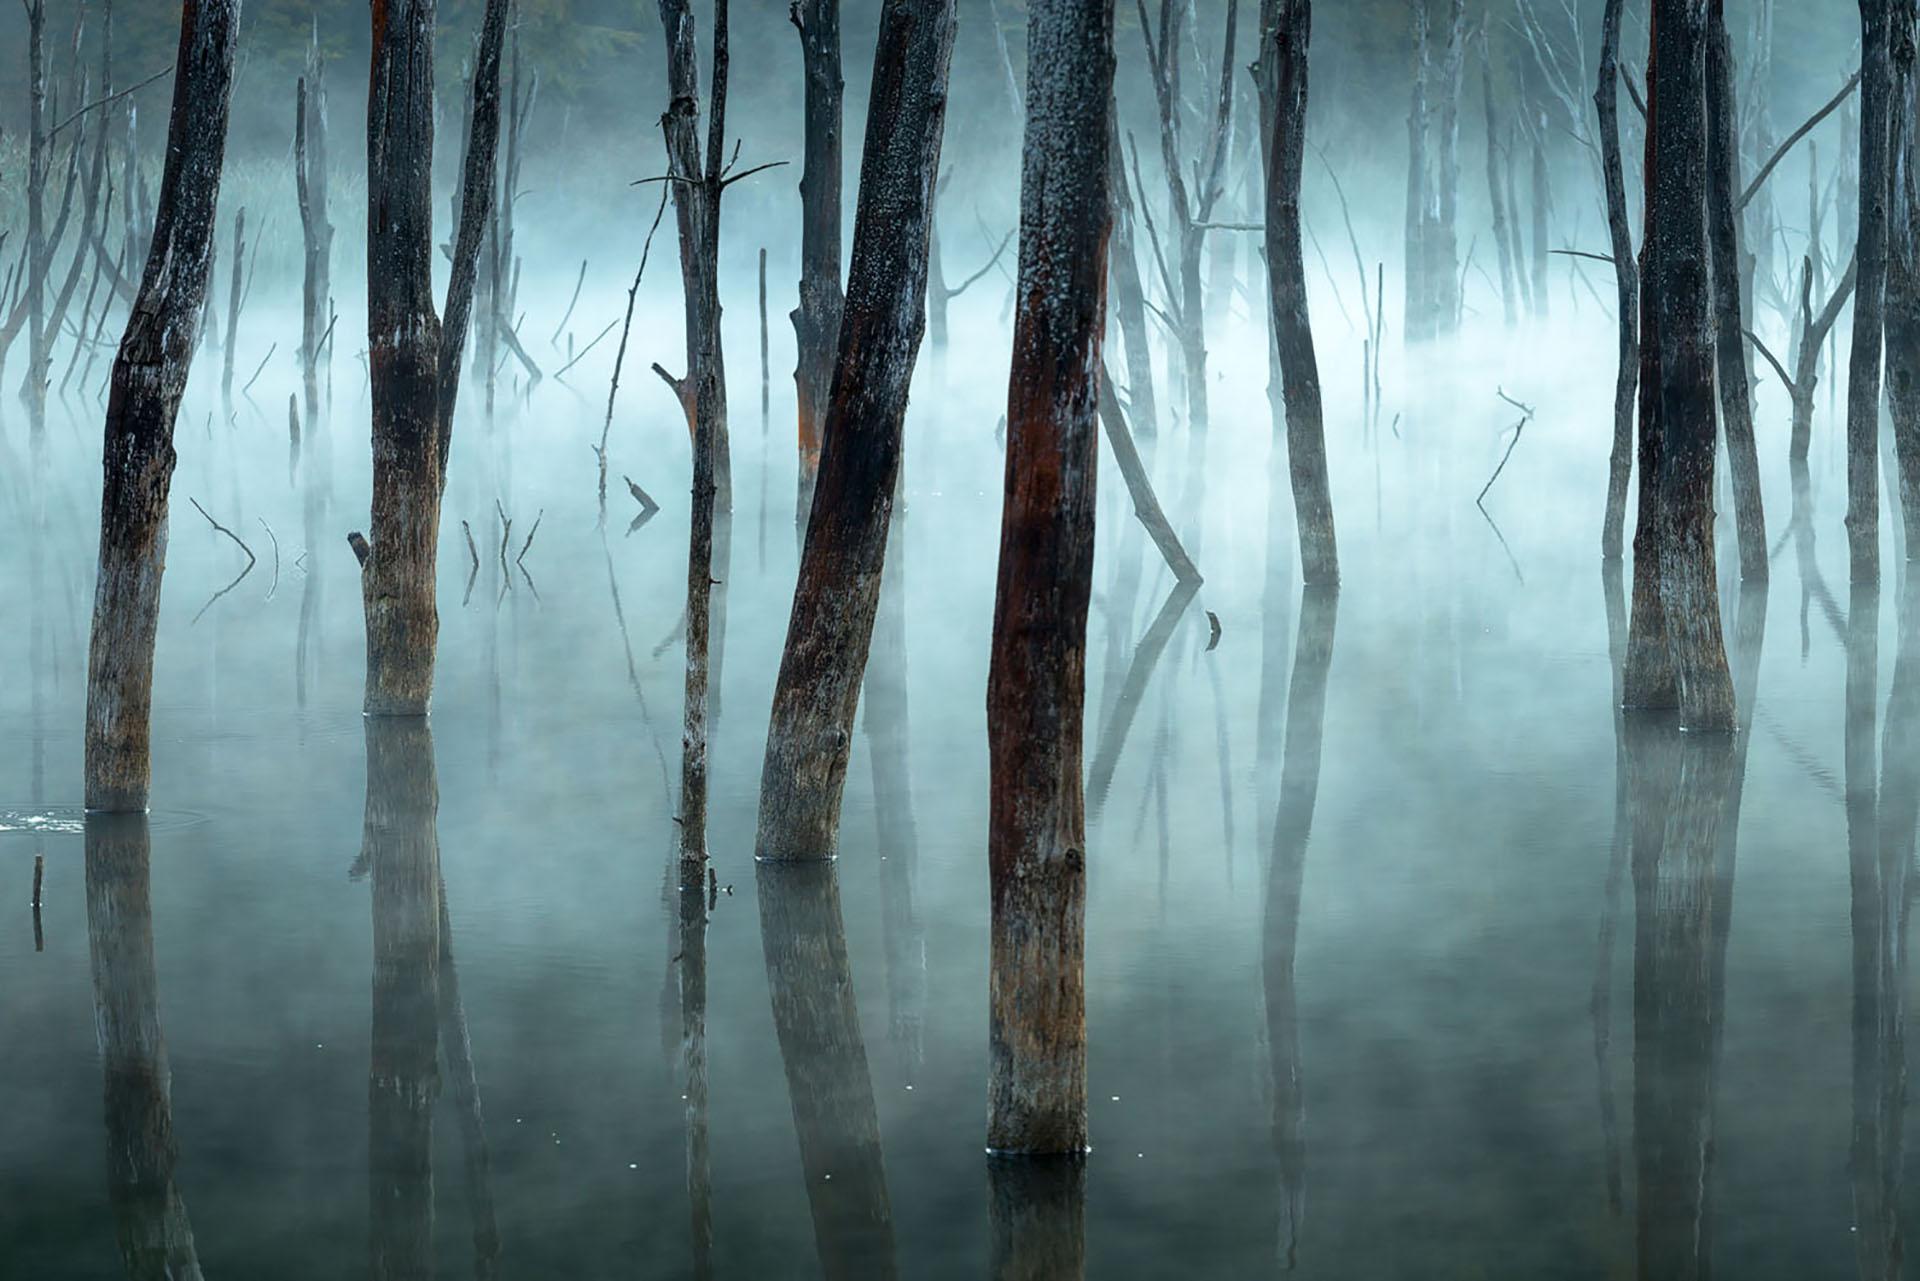 La niebla de la mañana empaña los árboles muertos del lago Cuejdel de Rumania, un embalse natural creado por los deslizamientos de tierra.